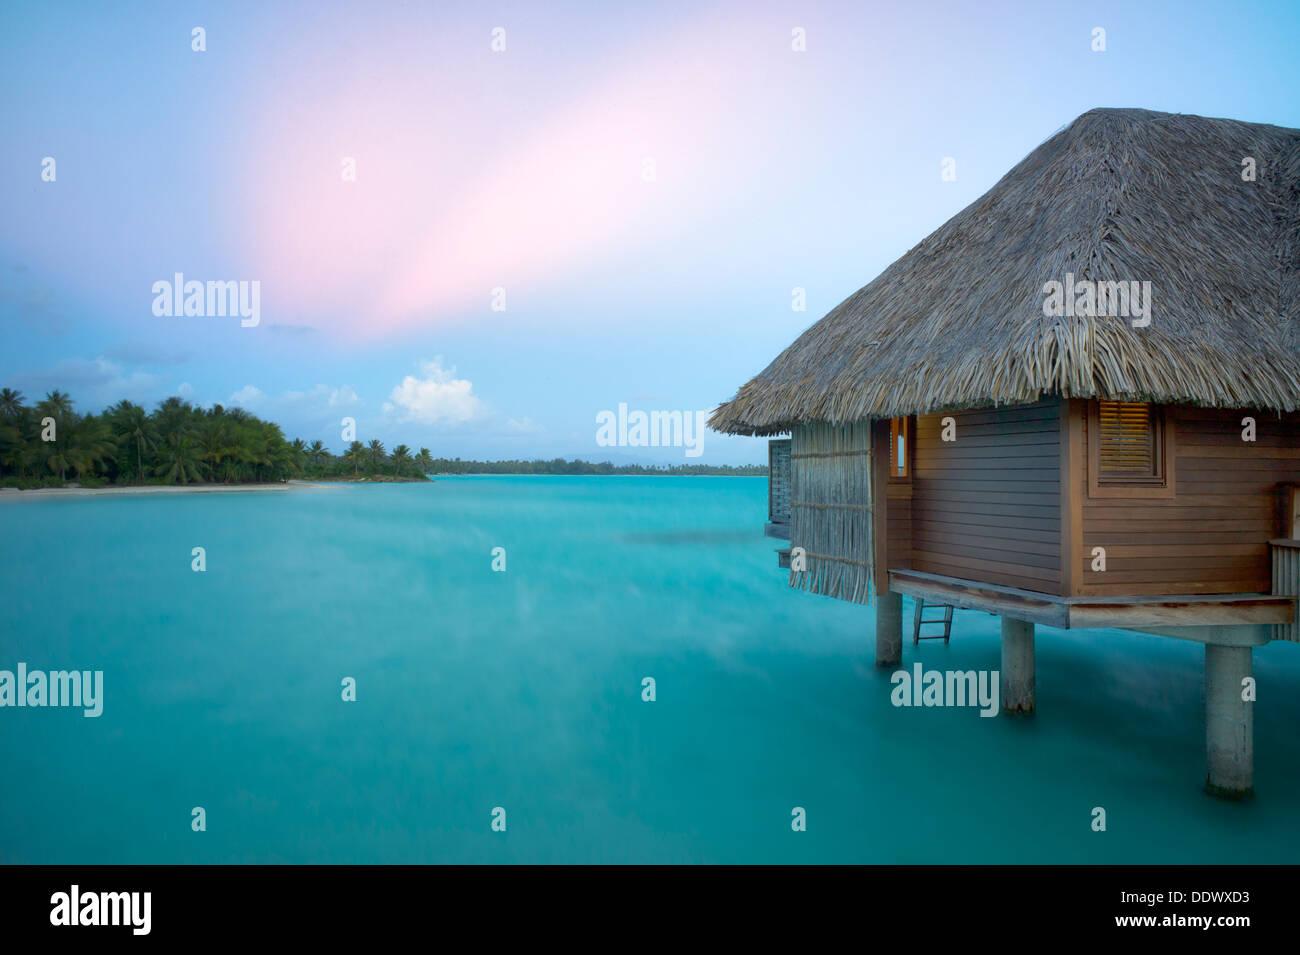 Die Bungalows über dem Wasser. Bora Bora. Französisch-Polynesien Stockbild